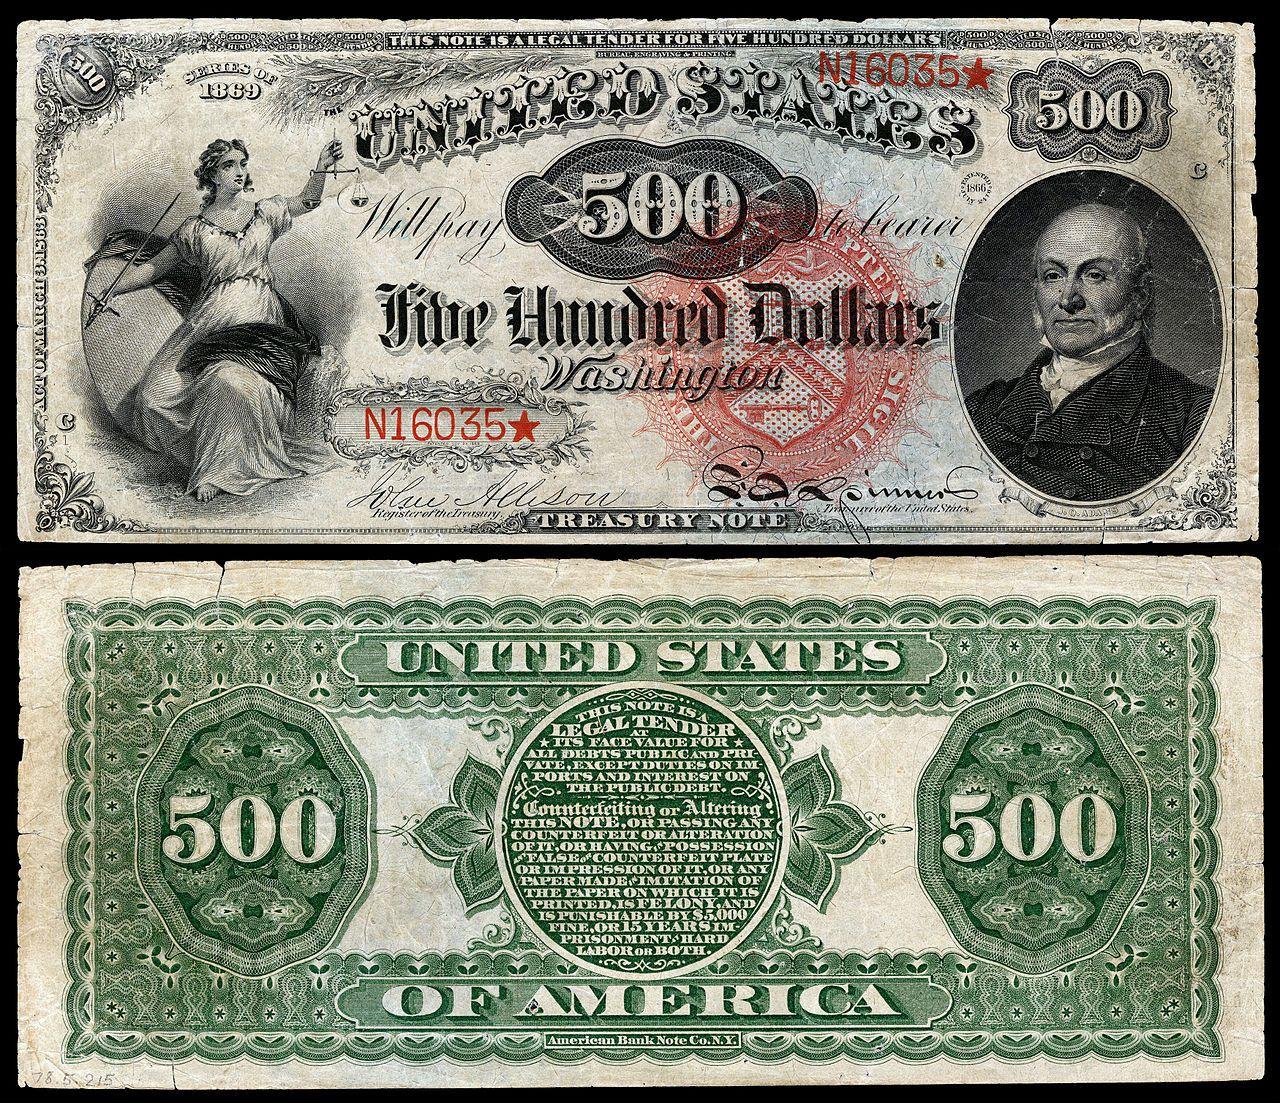 500 Legal Tender Note Series Fr 184 Depicting